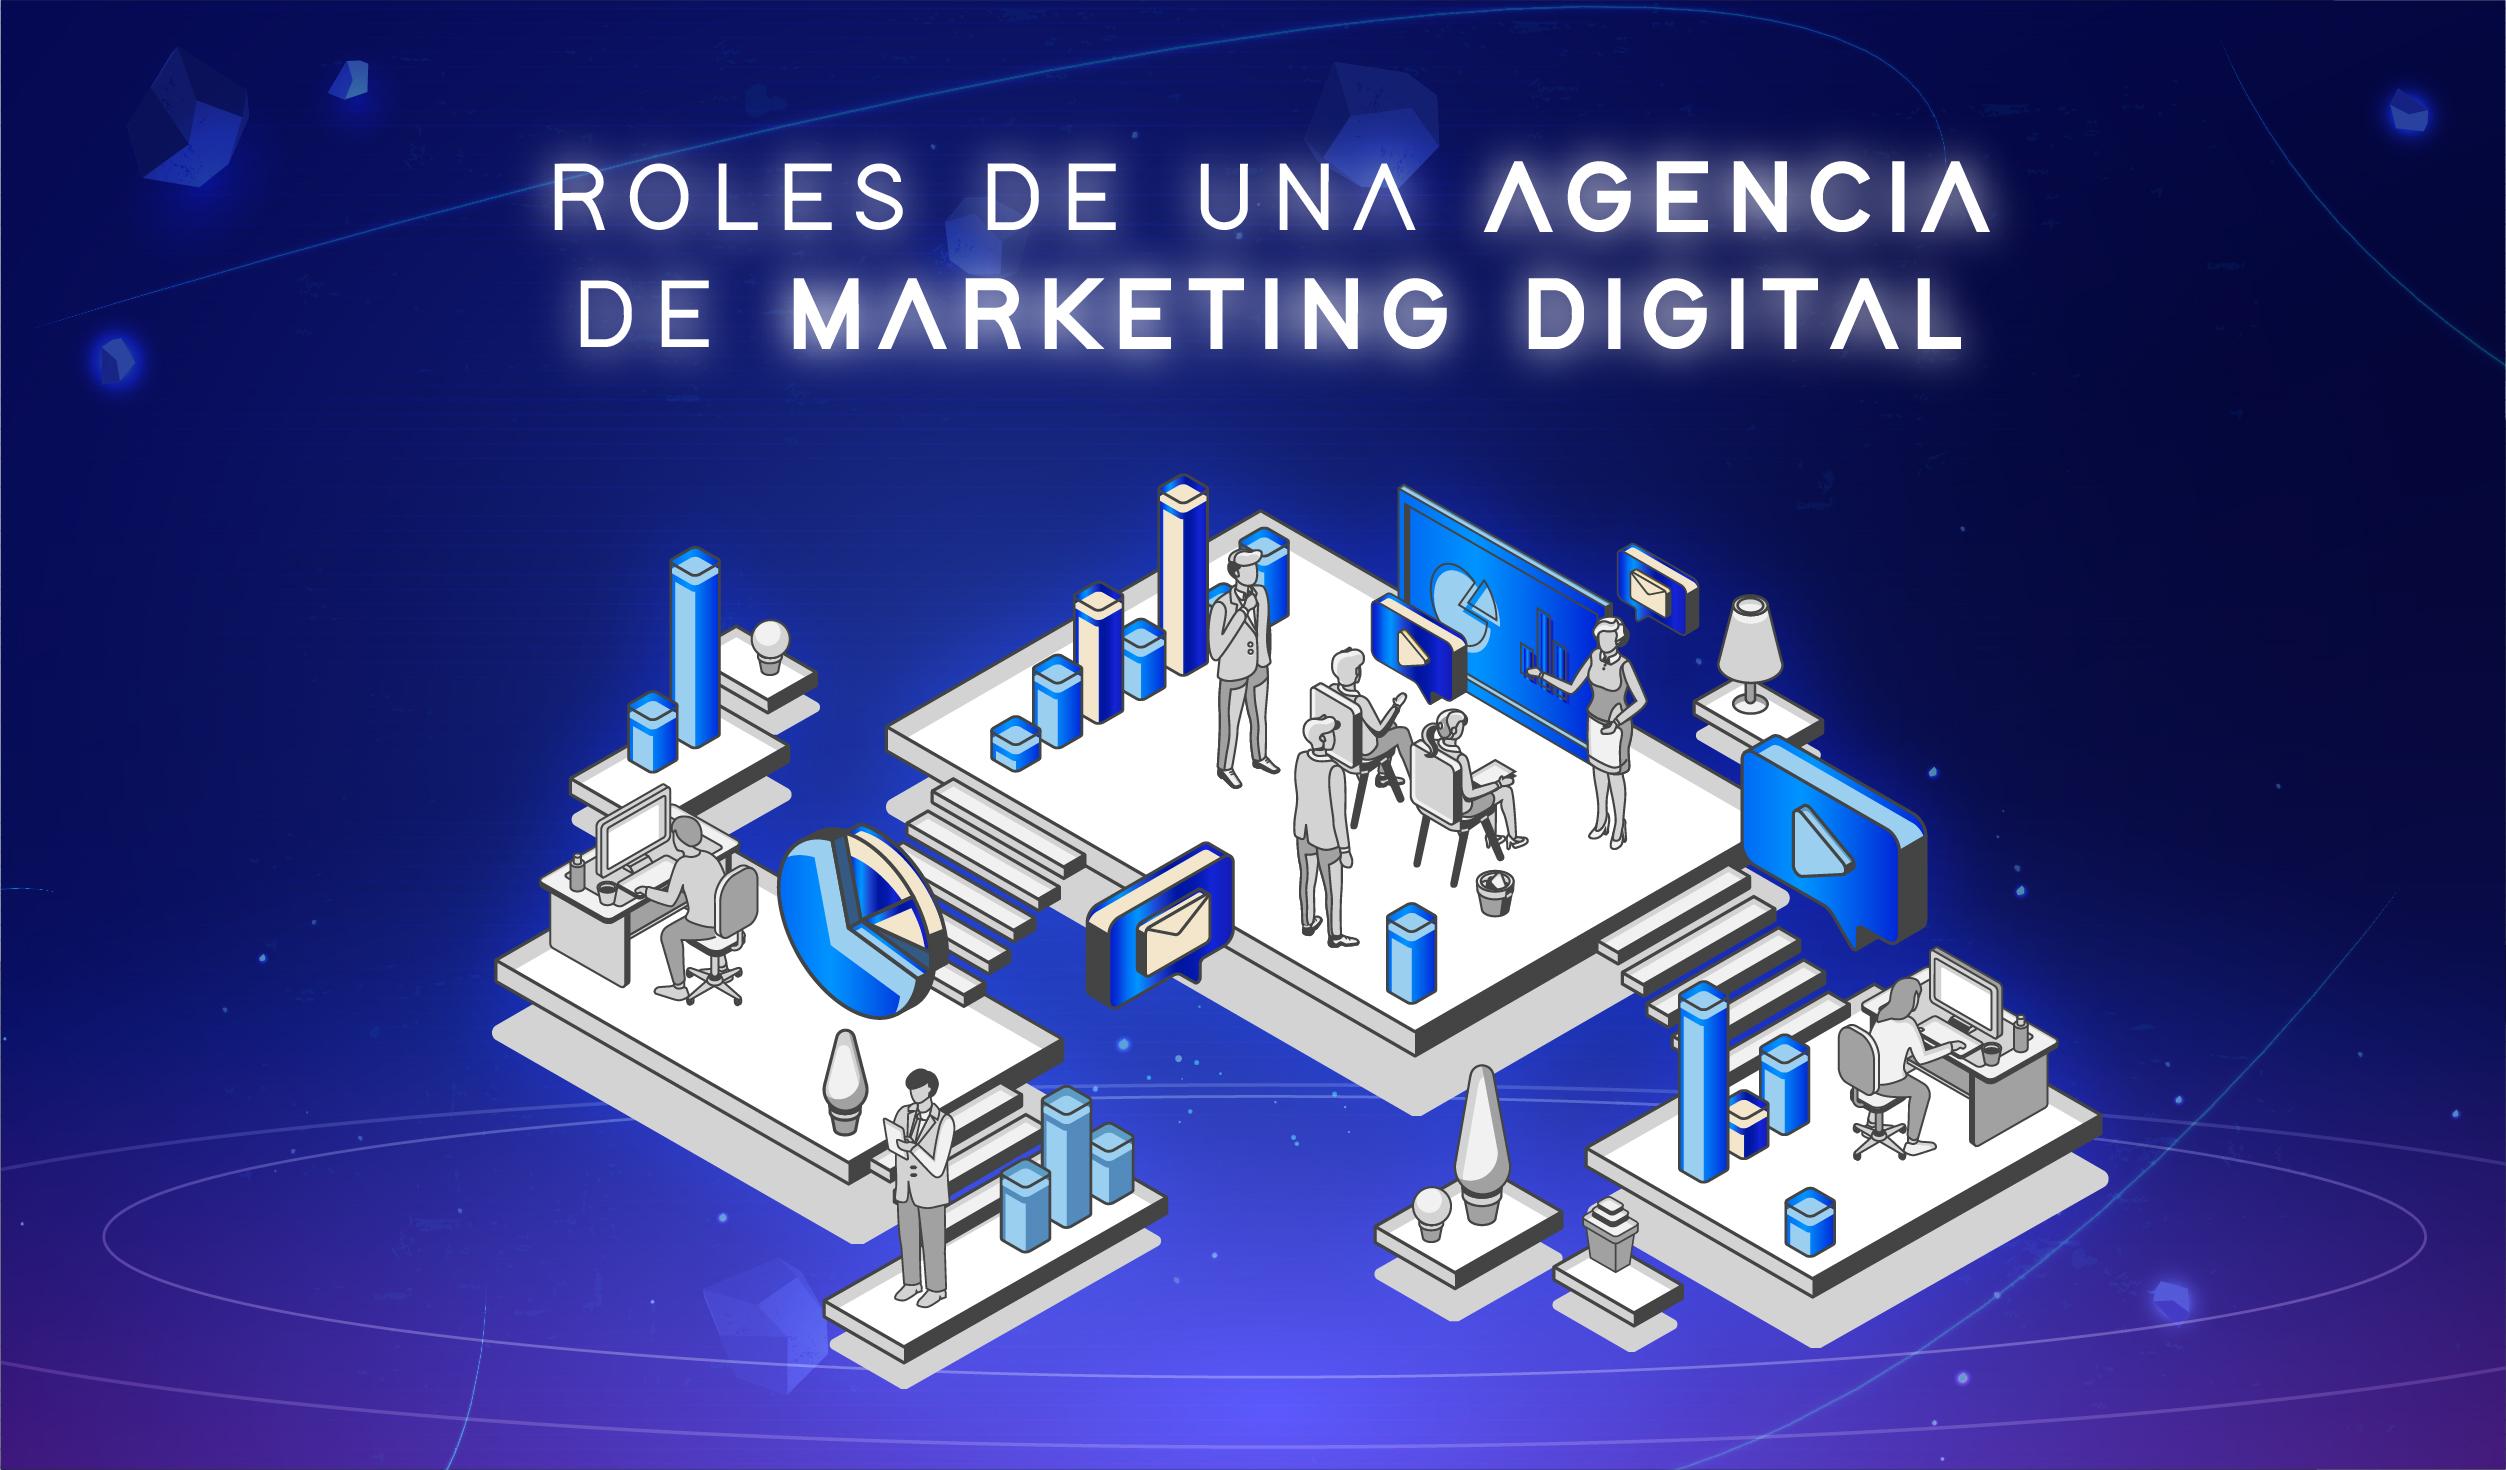 Roles de una Agencia de Marketing Digital